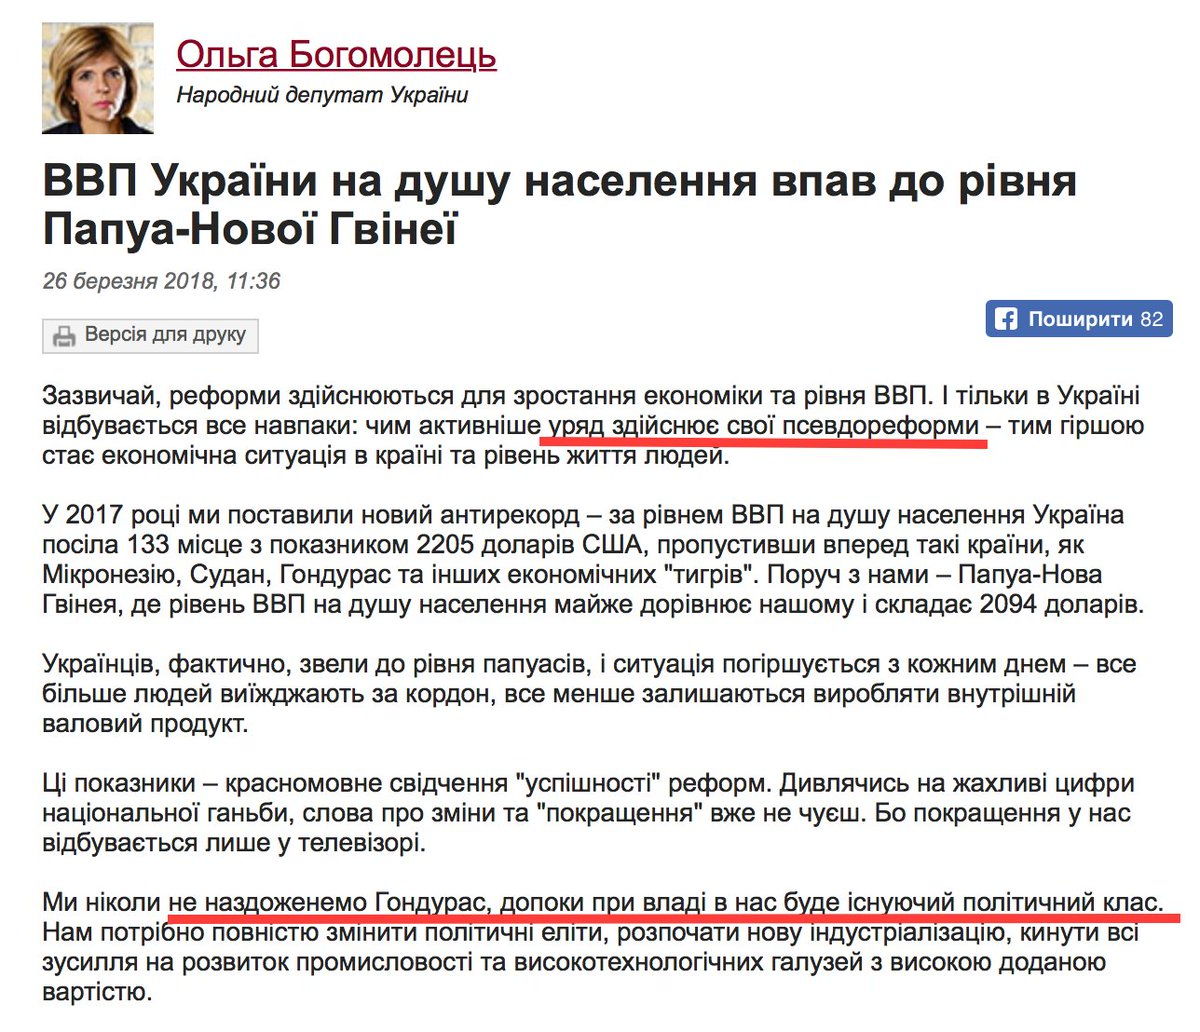 """Чиновник """"Одессаоблэнерго"""" задержан при получении 20 тыс. грн взятки, - прокуратура - Цензор.НЕТ 8158"""